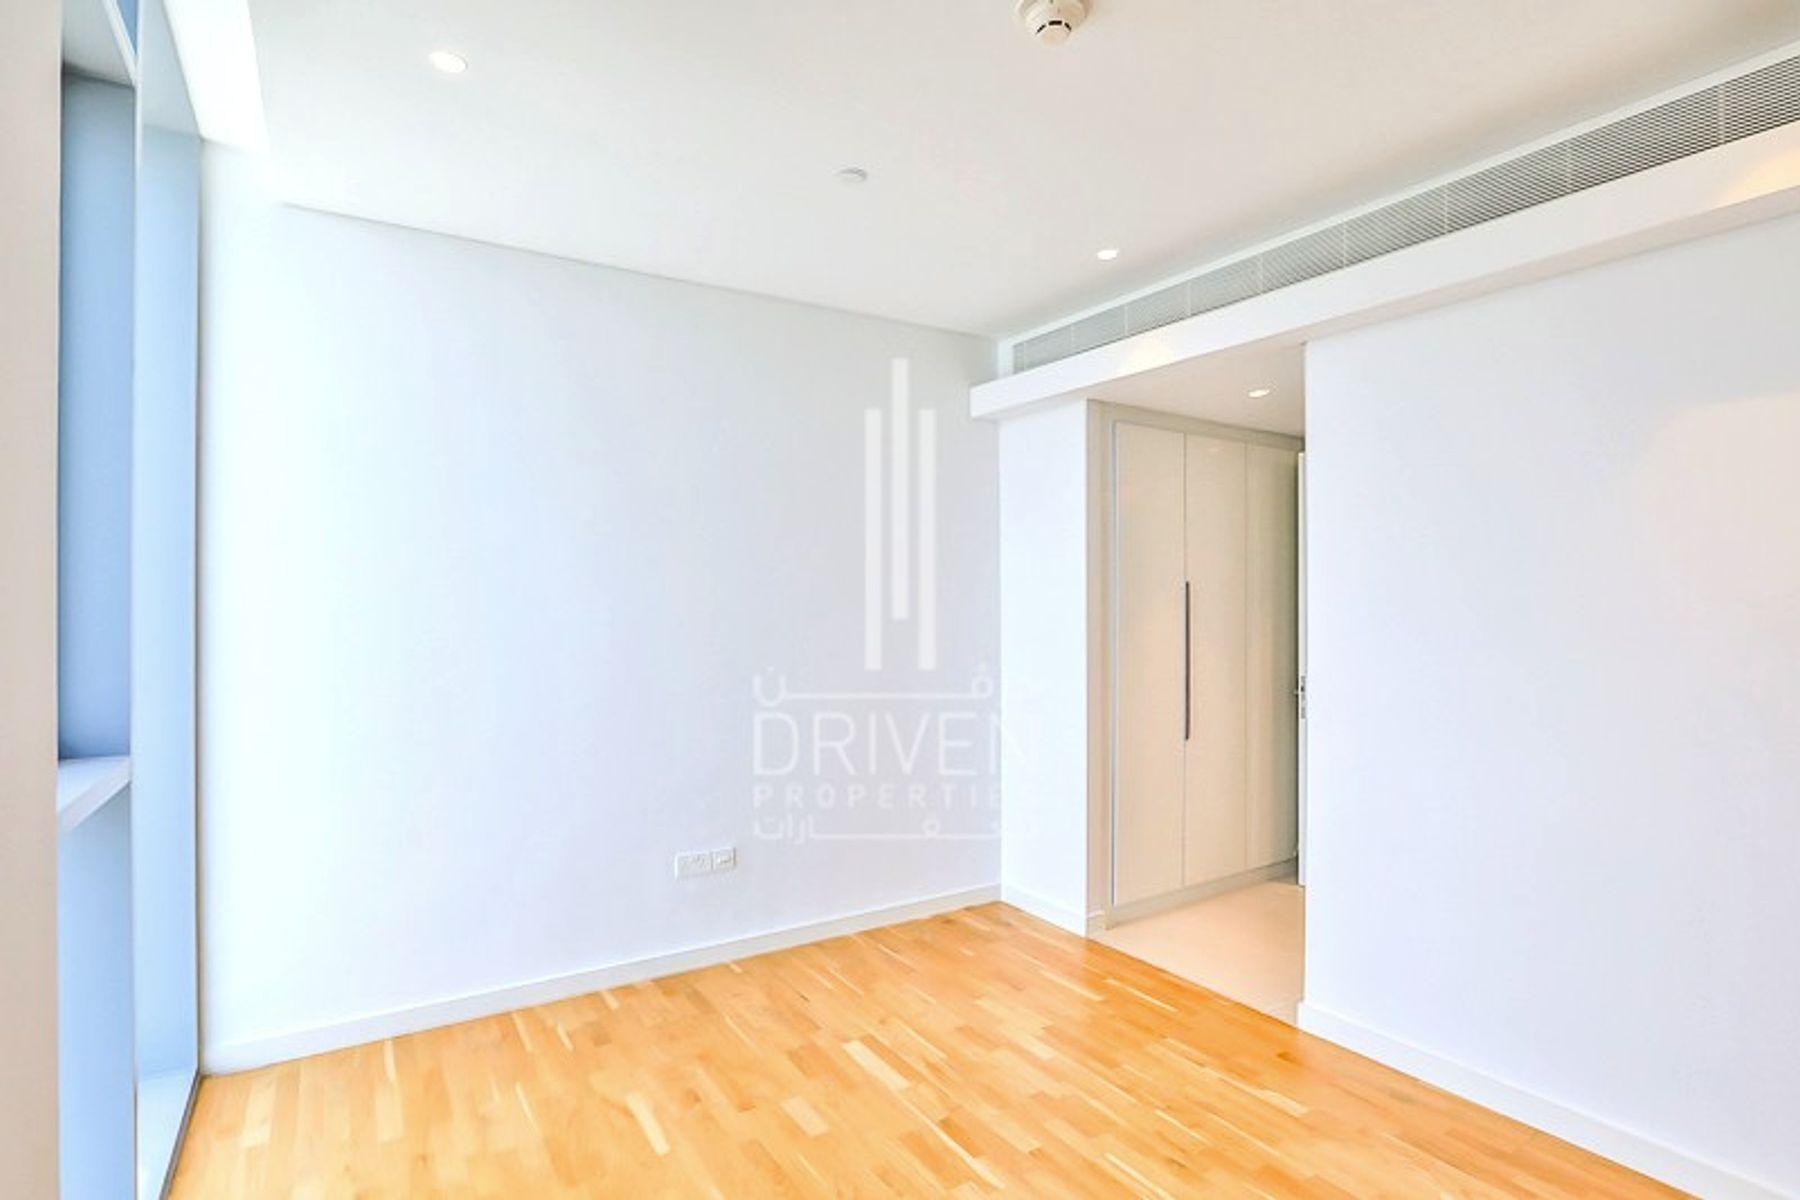 للبيع - شقة - 6 شقة بناية - بلوواترز